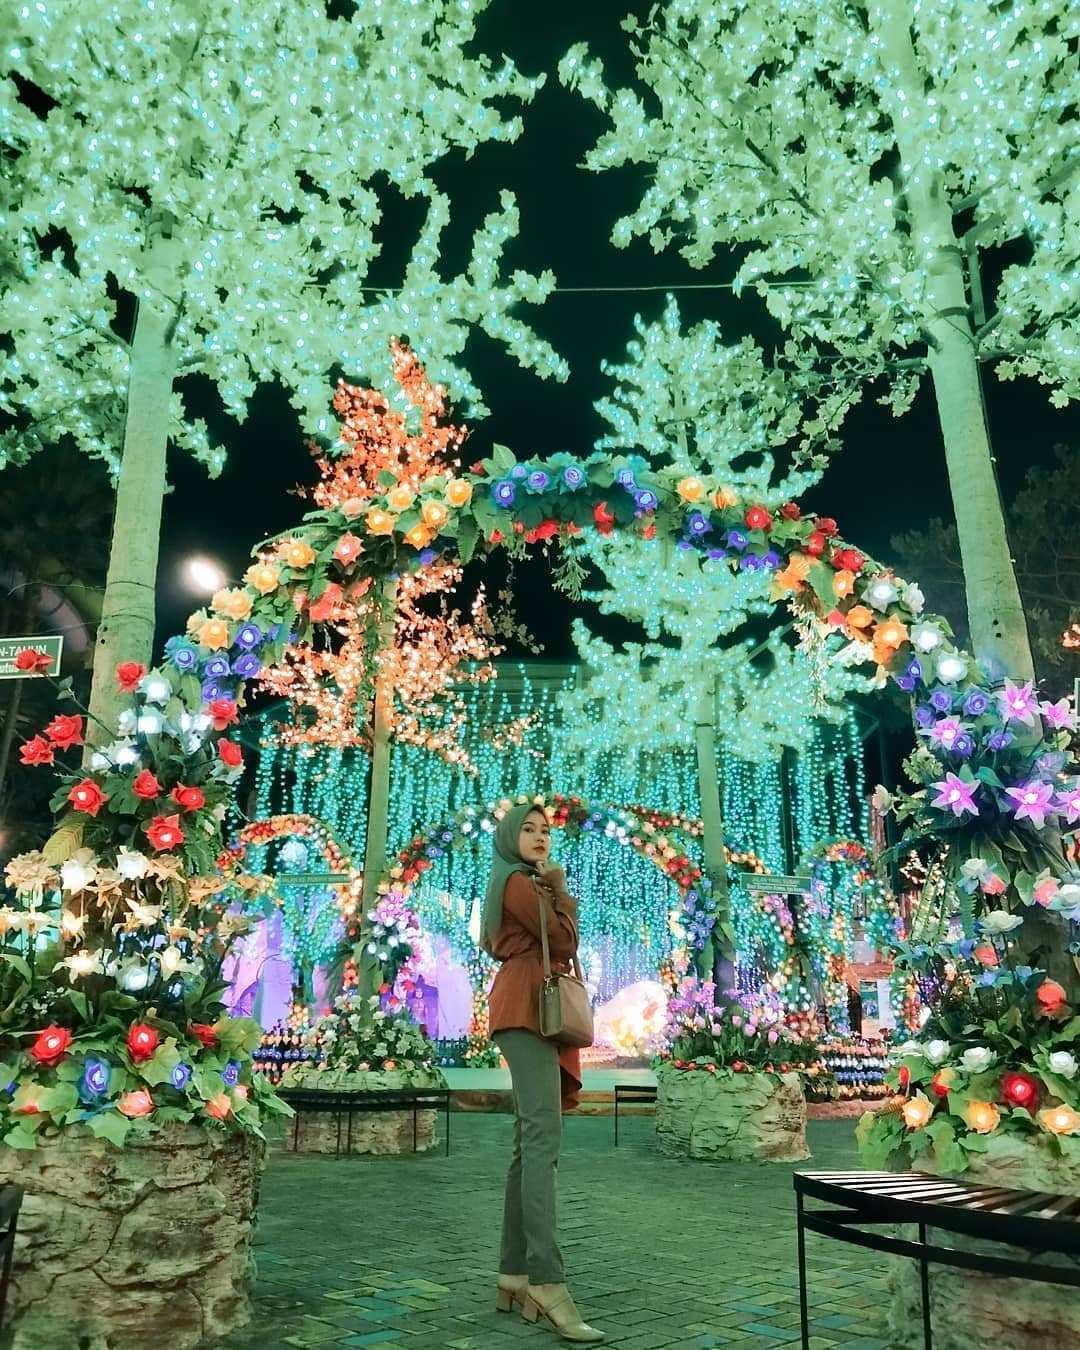 Taman Lampu di Malang Night Paradise Image From @rikadiann